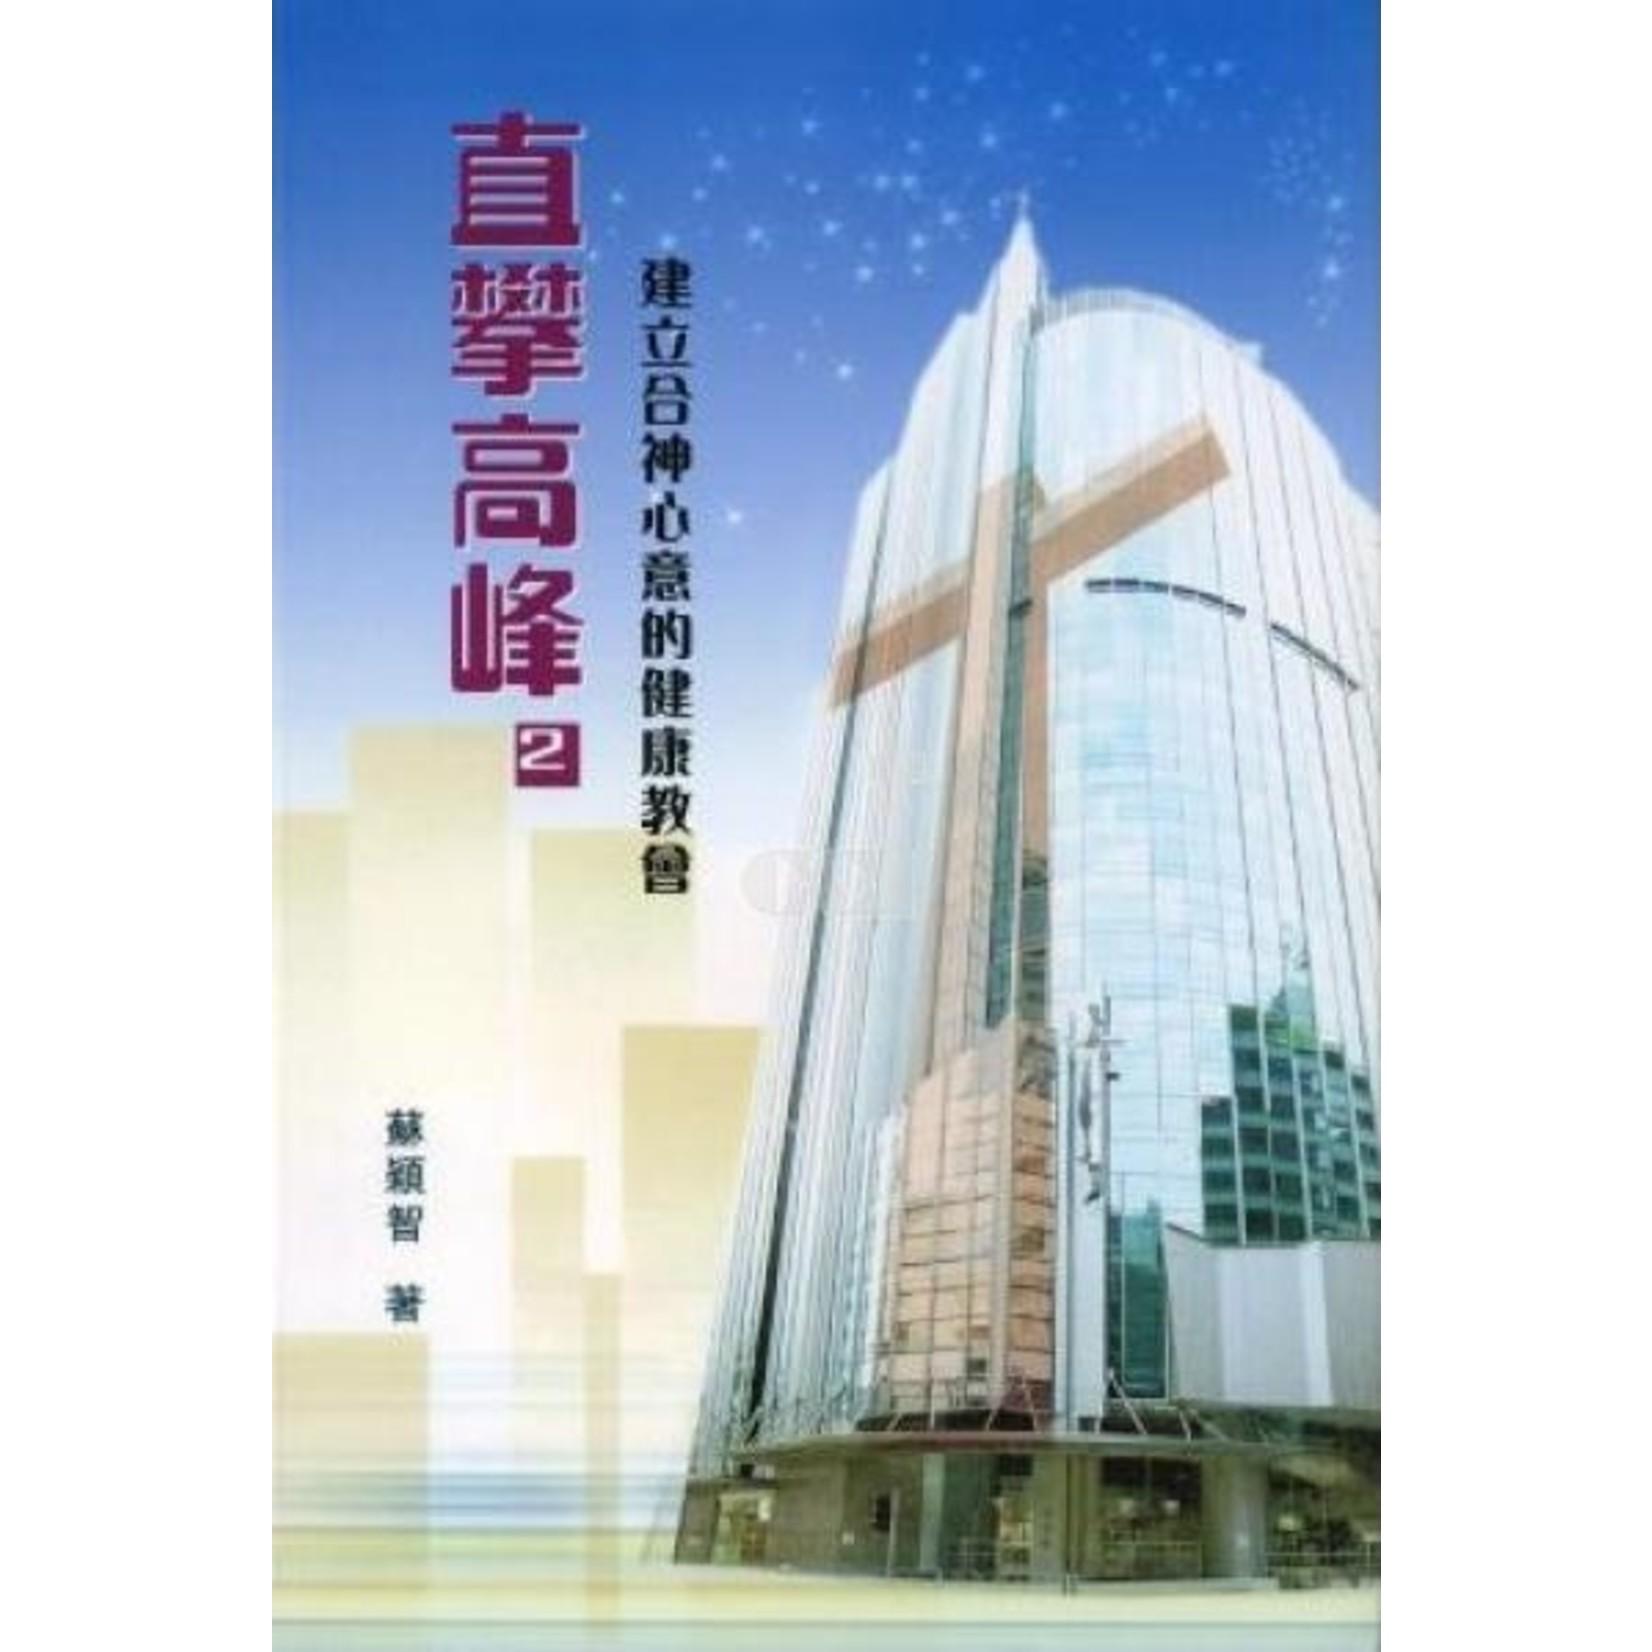 全心出版社 (HK) 直攀高峰2:建立合神心意的健康教會